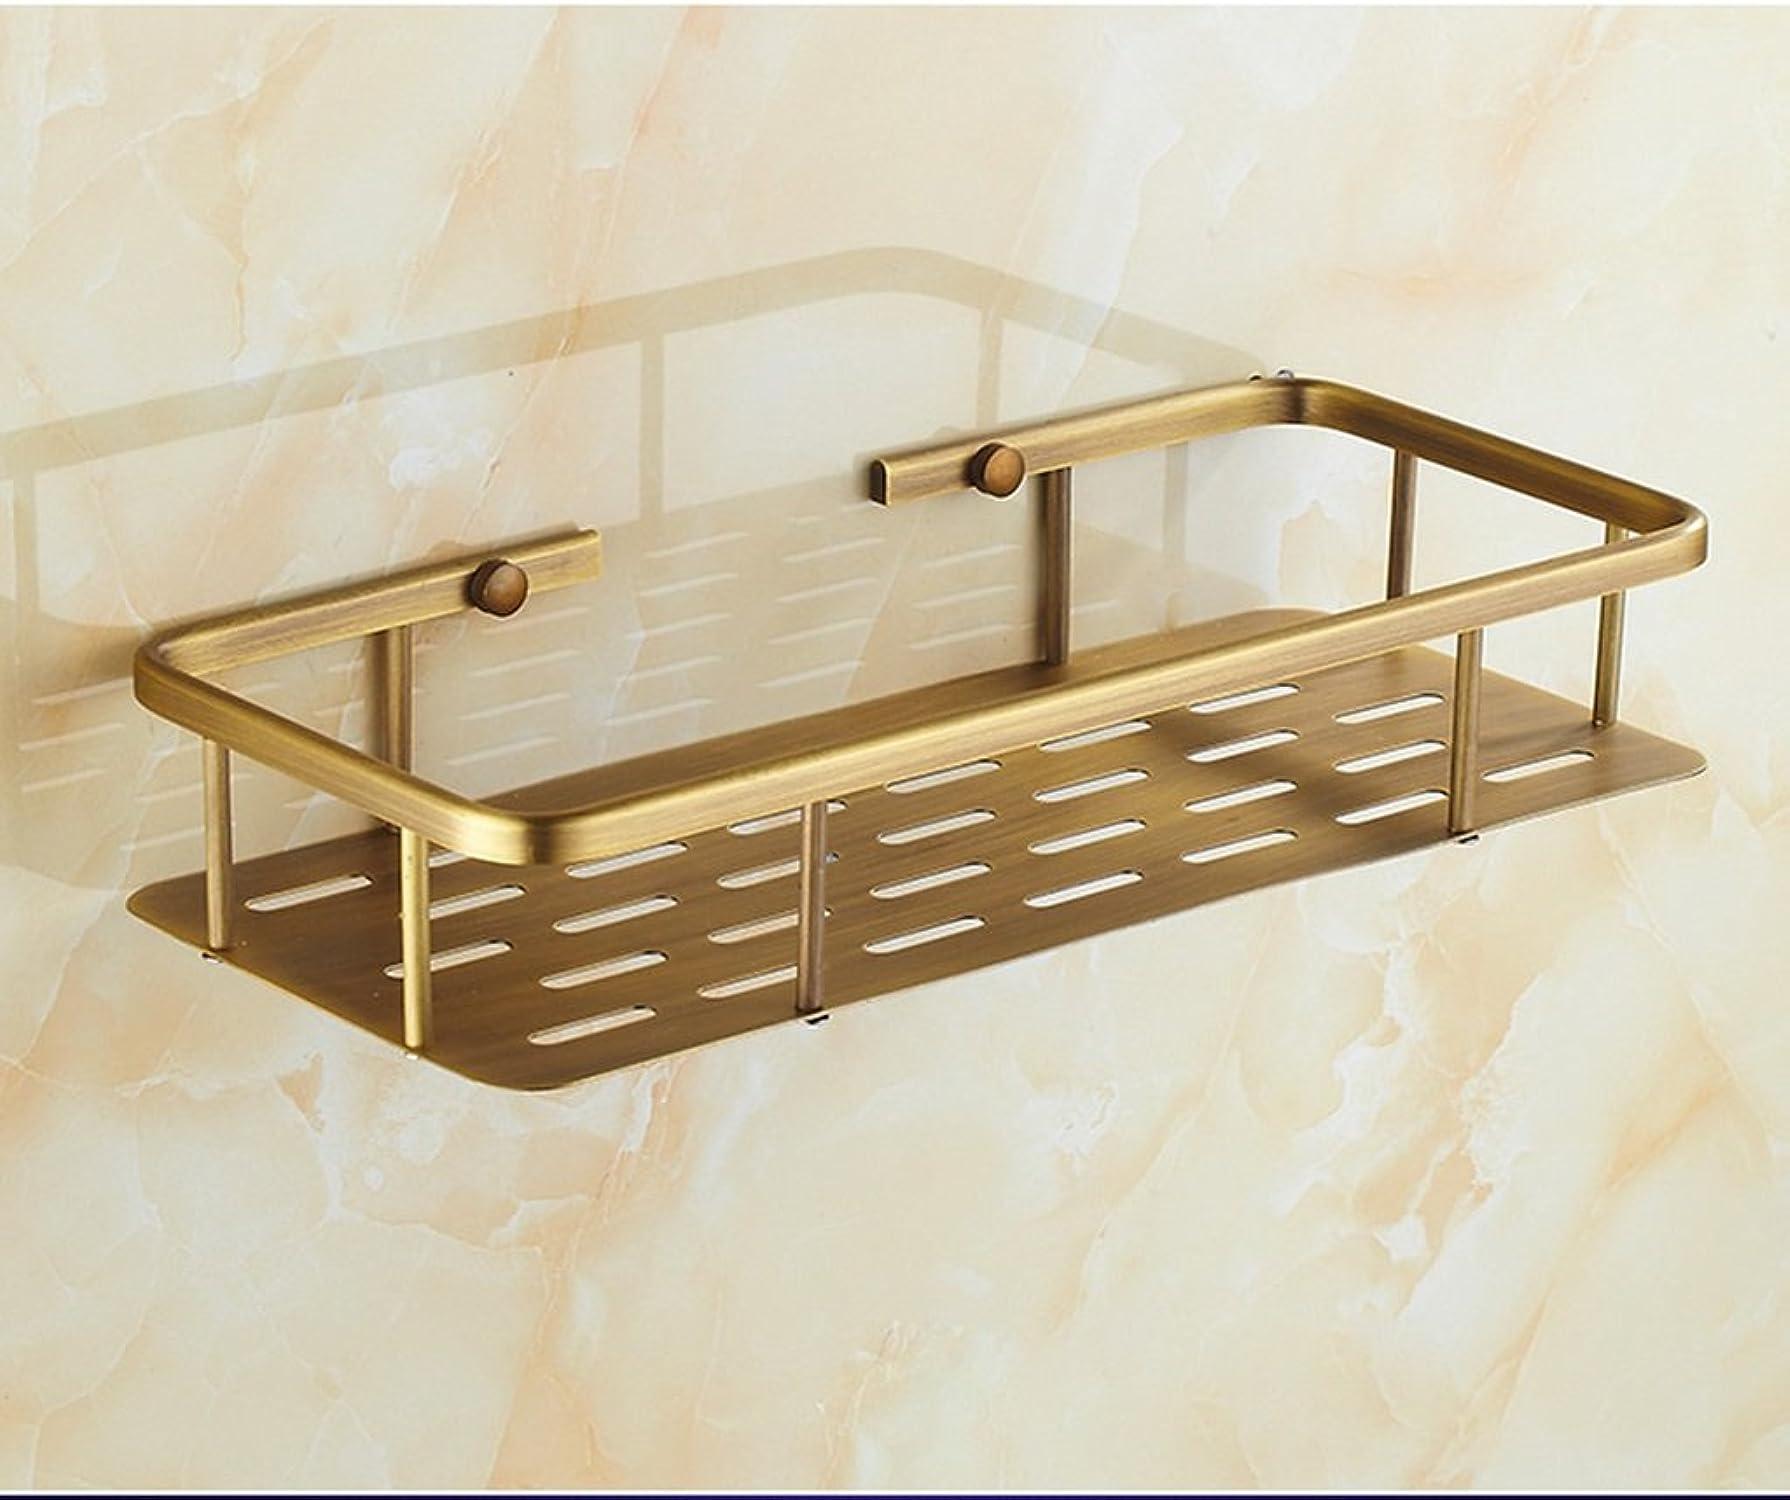 LI Jing Shop - Antigüedades Todo el ángulo de Bronce Estilo Europeo Accesorios de bao Estantería Esquina Marco Cuarto de bao Cuarto de bao sólido Cuarto de bao Racks